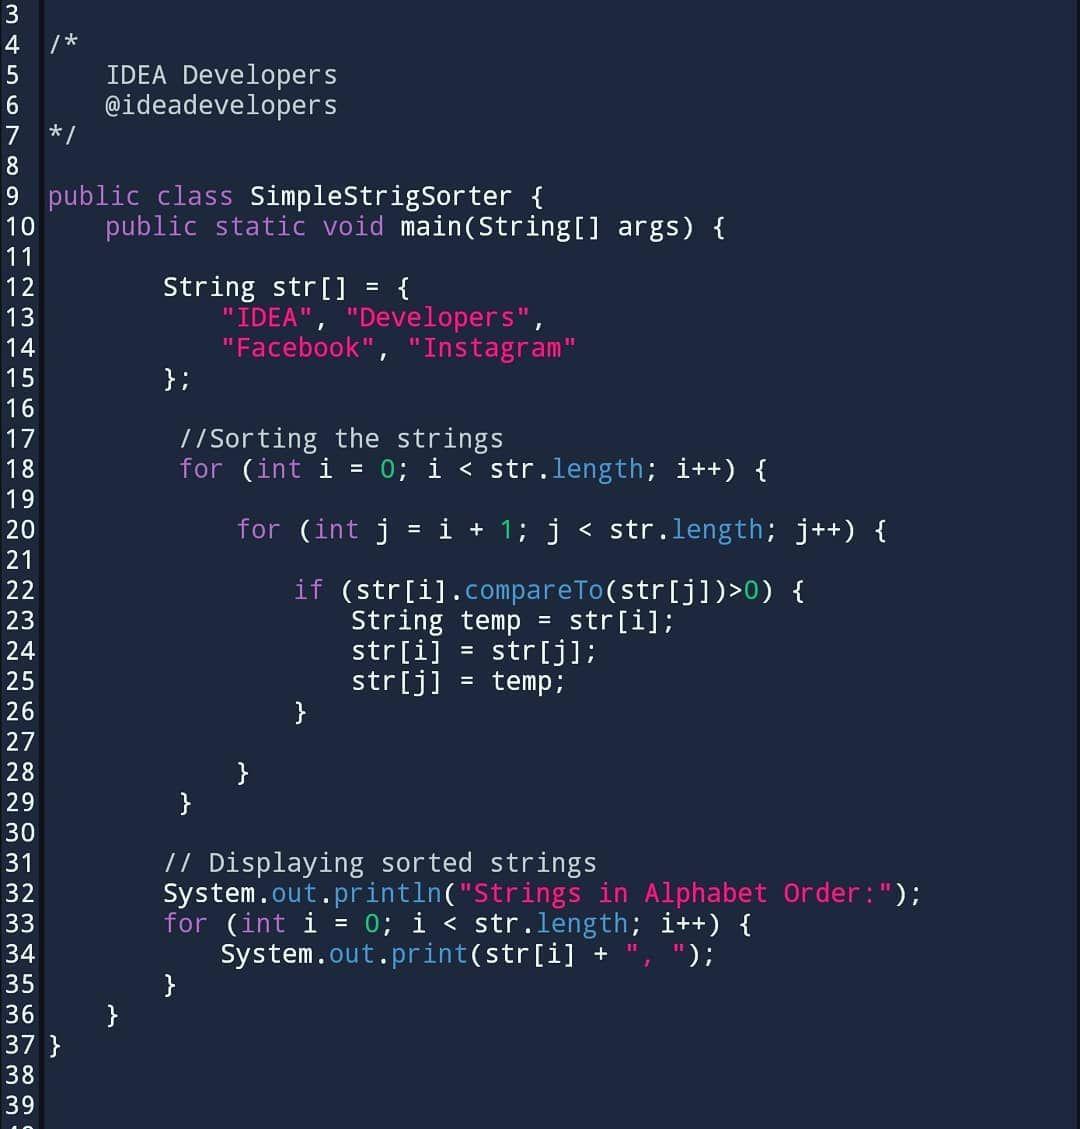 String List in Alphabetical Order Java   follow @ideadevelopers for